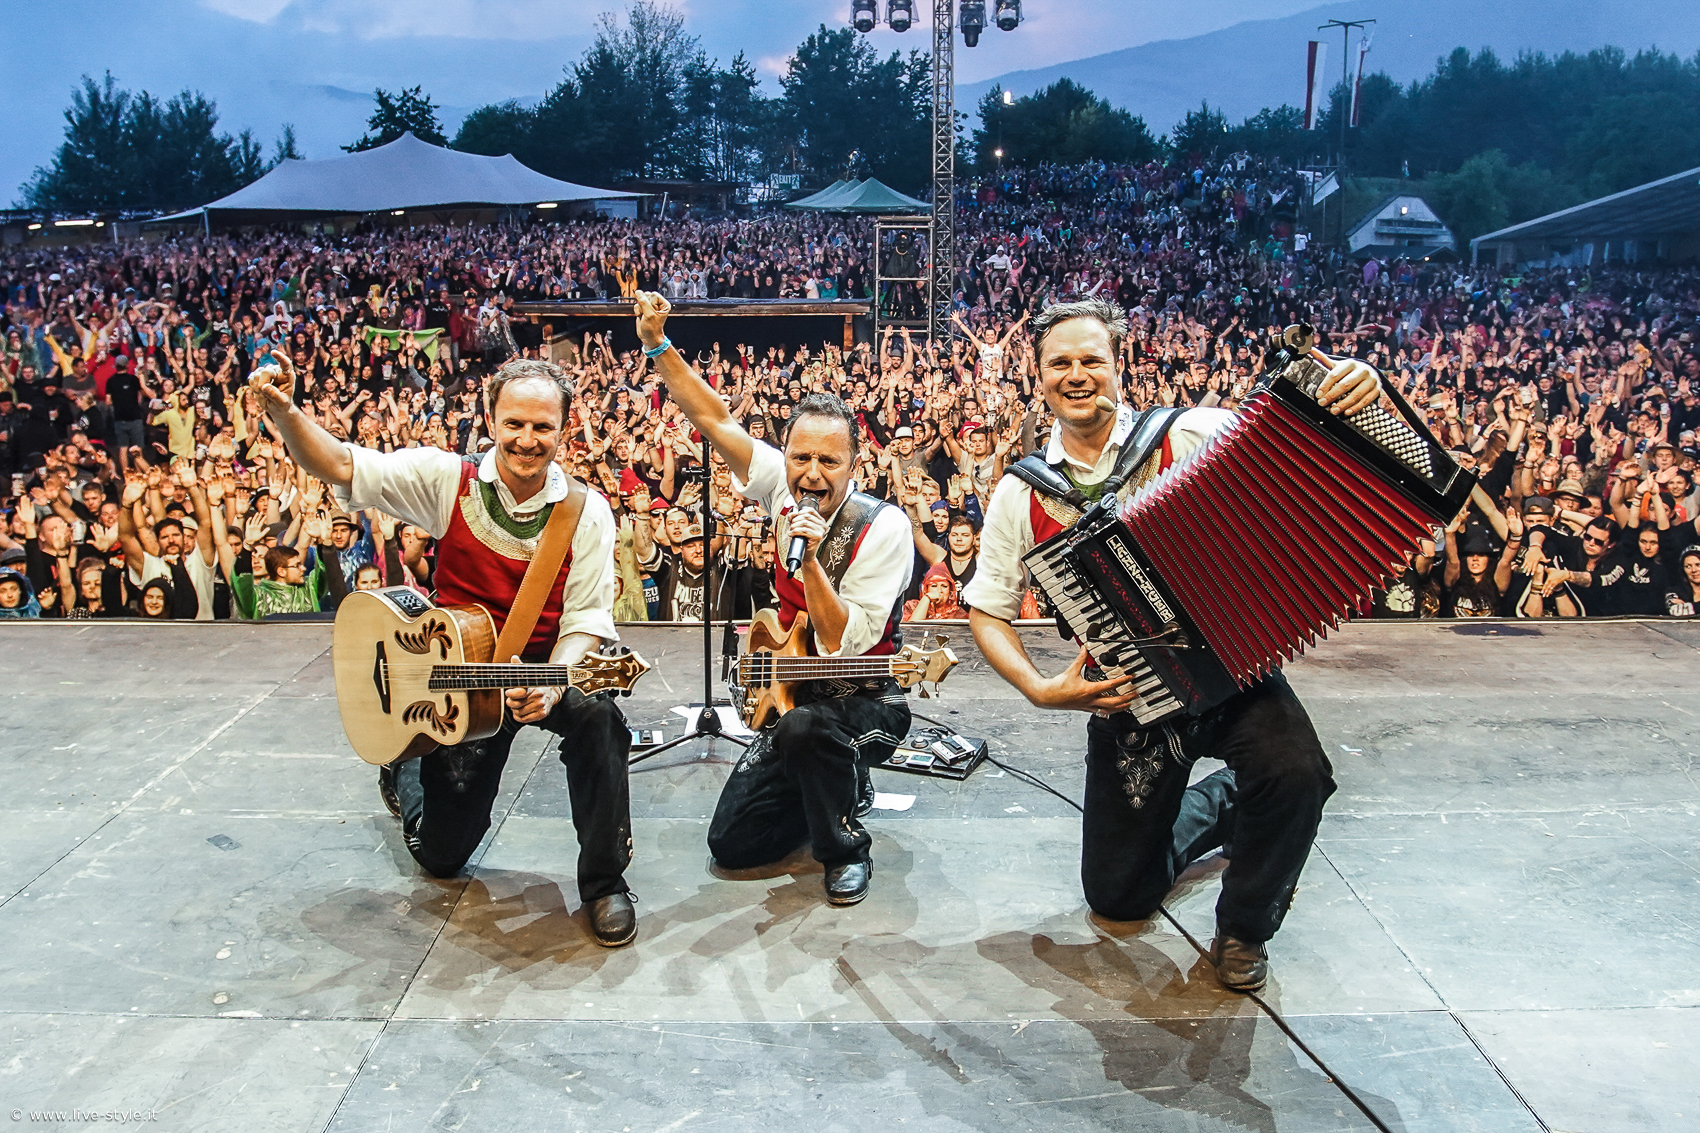 Die jungen Zillertaler live auf der Bühne. Daniel, Markus und Michael. Credit Die jungen Zillertaler